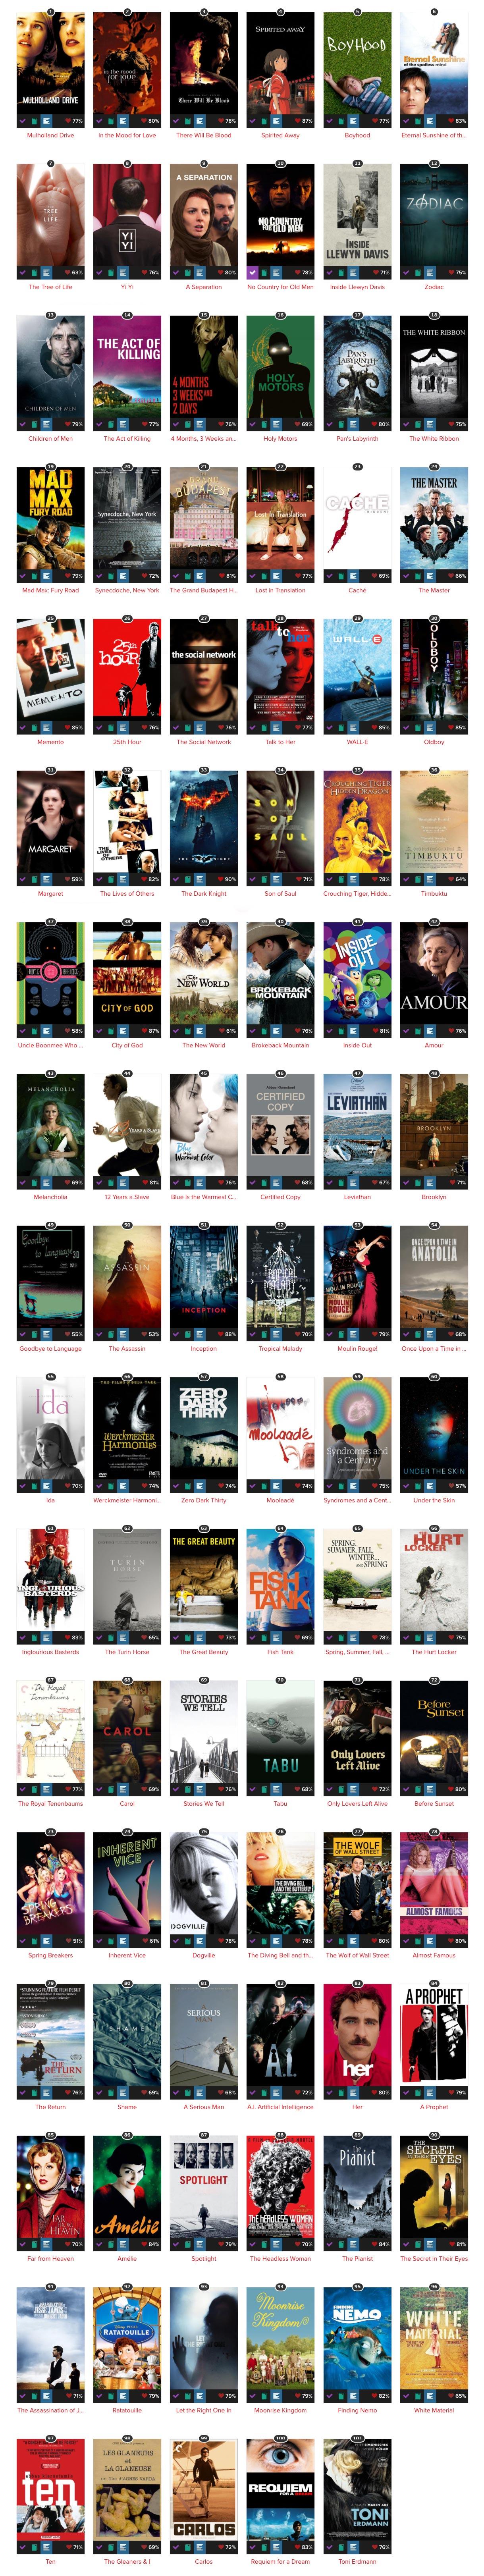 Lista dos filmes no Trakt.TV